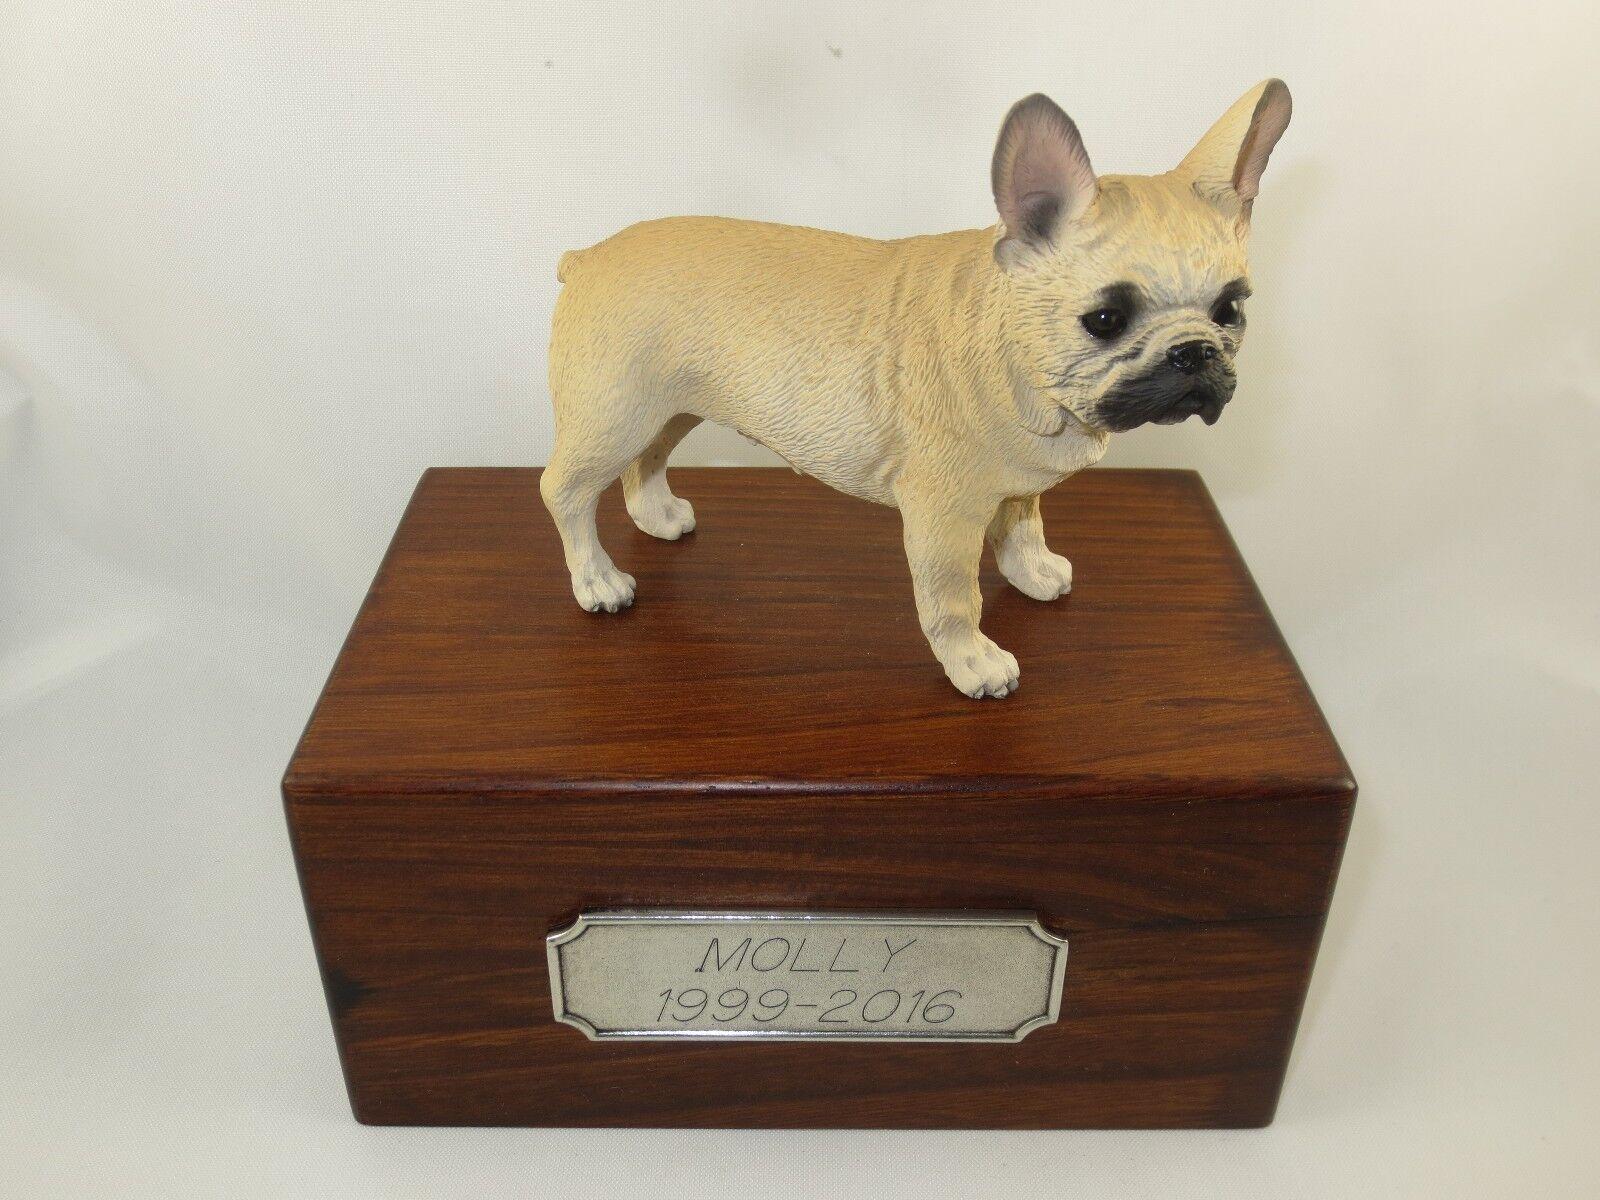 Beautiful Paulownia Small Wooden Personalized Urn Fawn French Bulldog Figurine